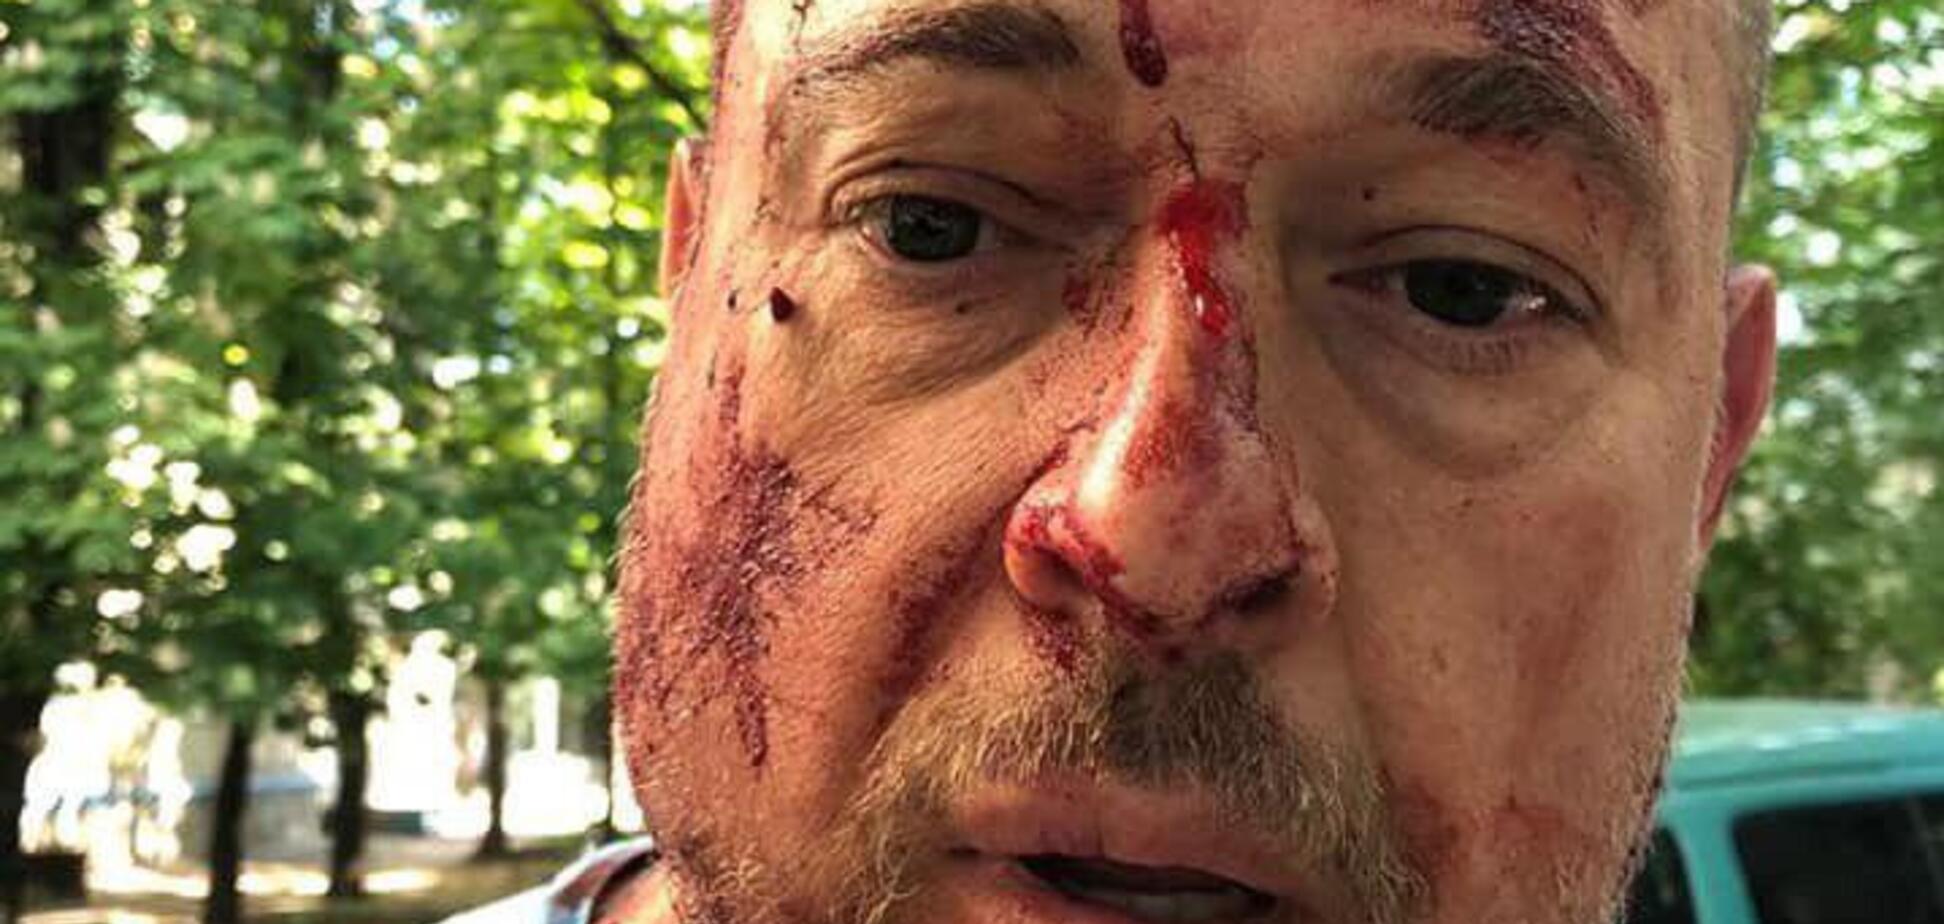 Били кастетами по голові: в Харкові скоєно жорстокий напад на активіста. Фото і відео 18+